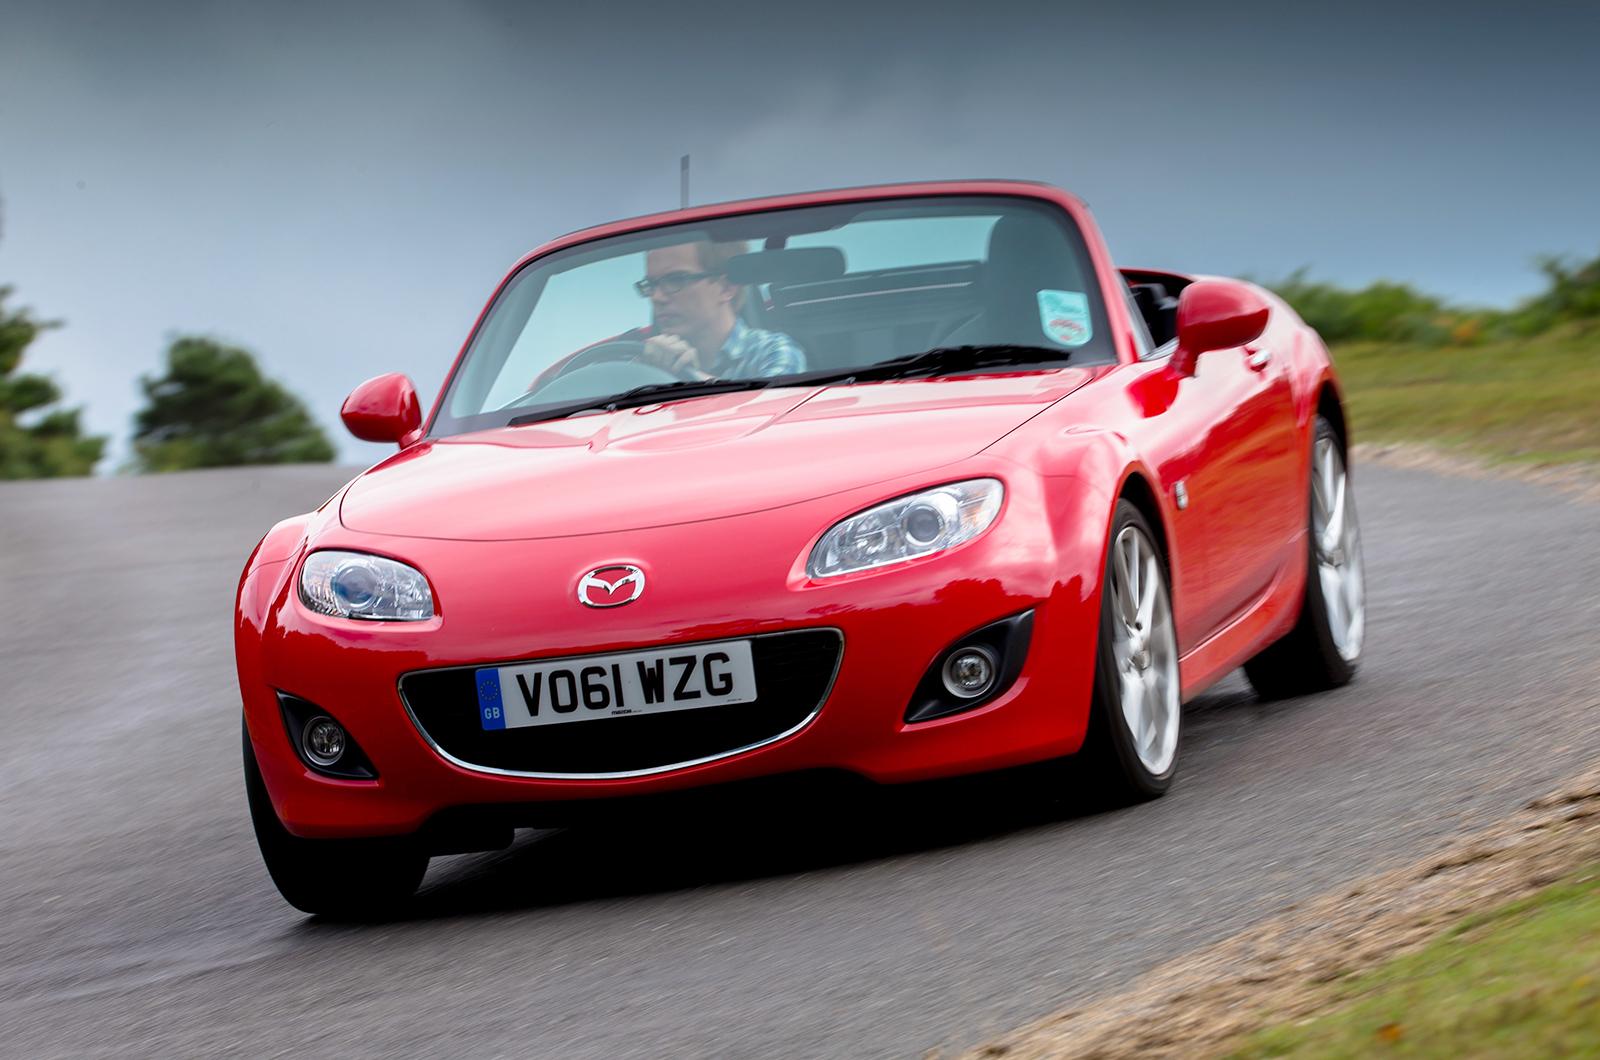 Kelebihan Kekurangan Mazda Mx5 2005 Harga